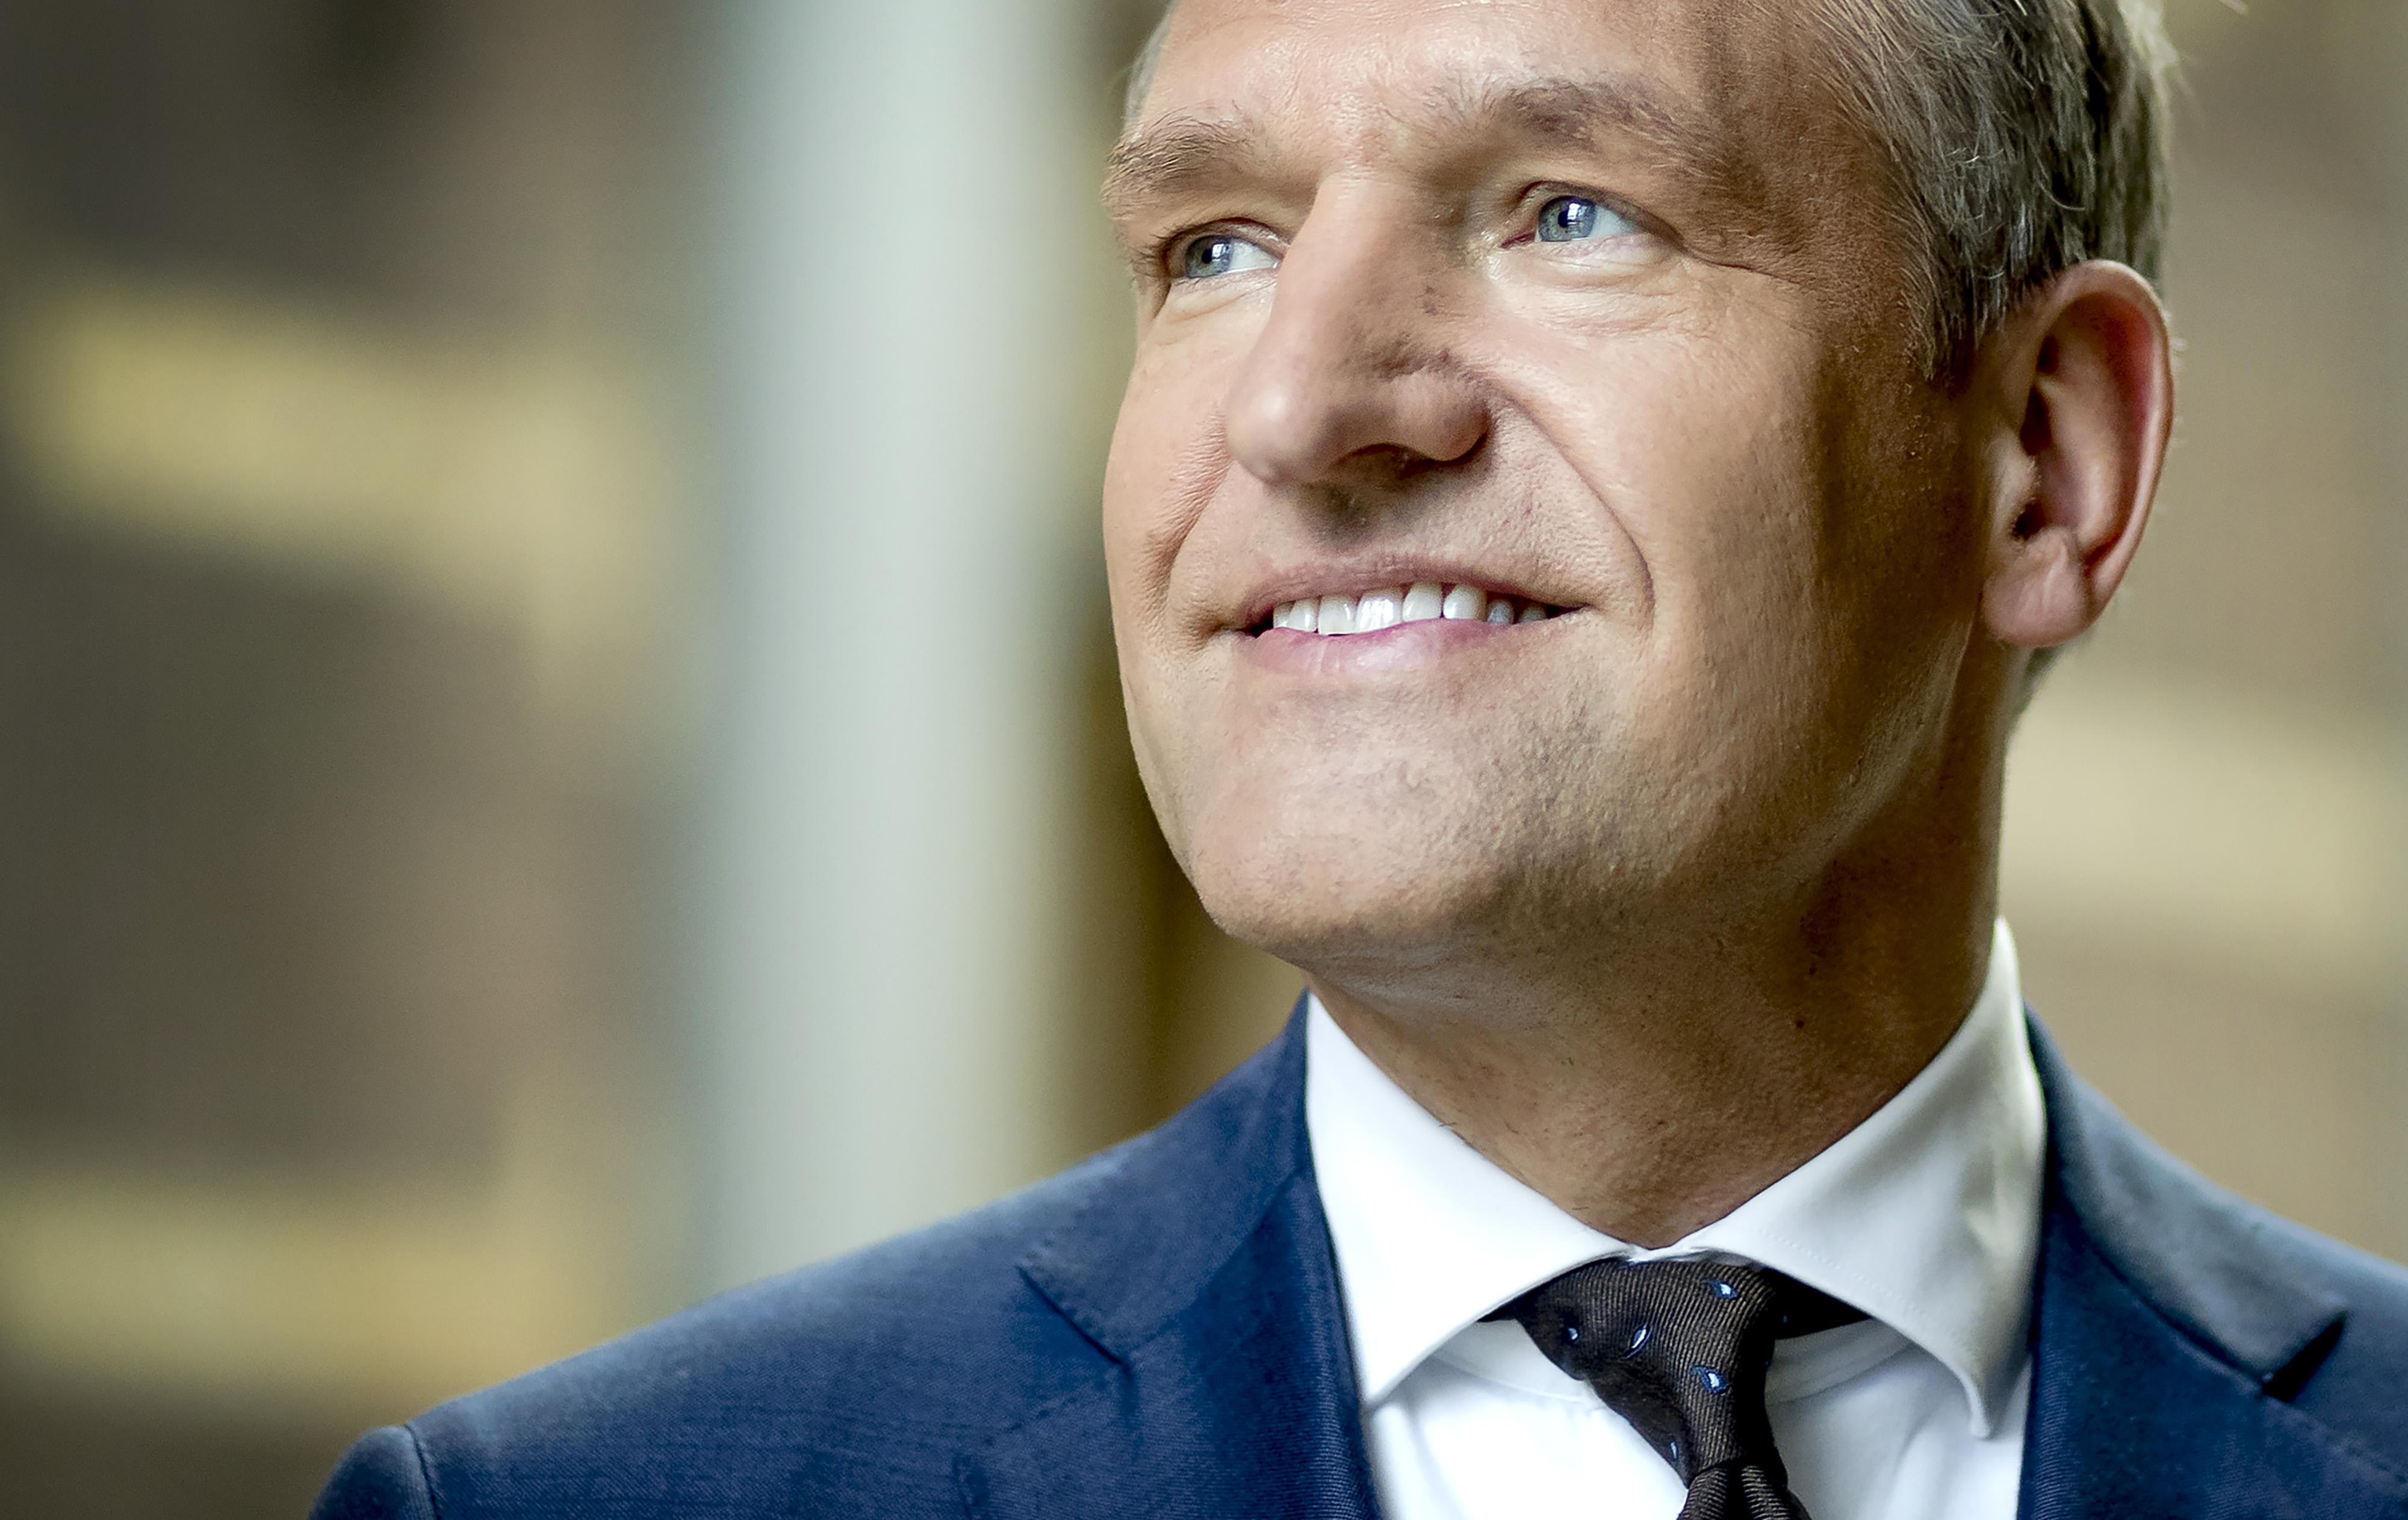 2017-01-12 14:13:52 DEN HAAG - Portret van Sybrand van Haersma Buma, fractievoorzitter en lijsttrekker van het CDA. ANP REMKO DE WAAL